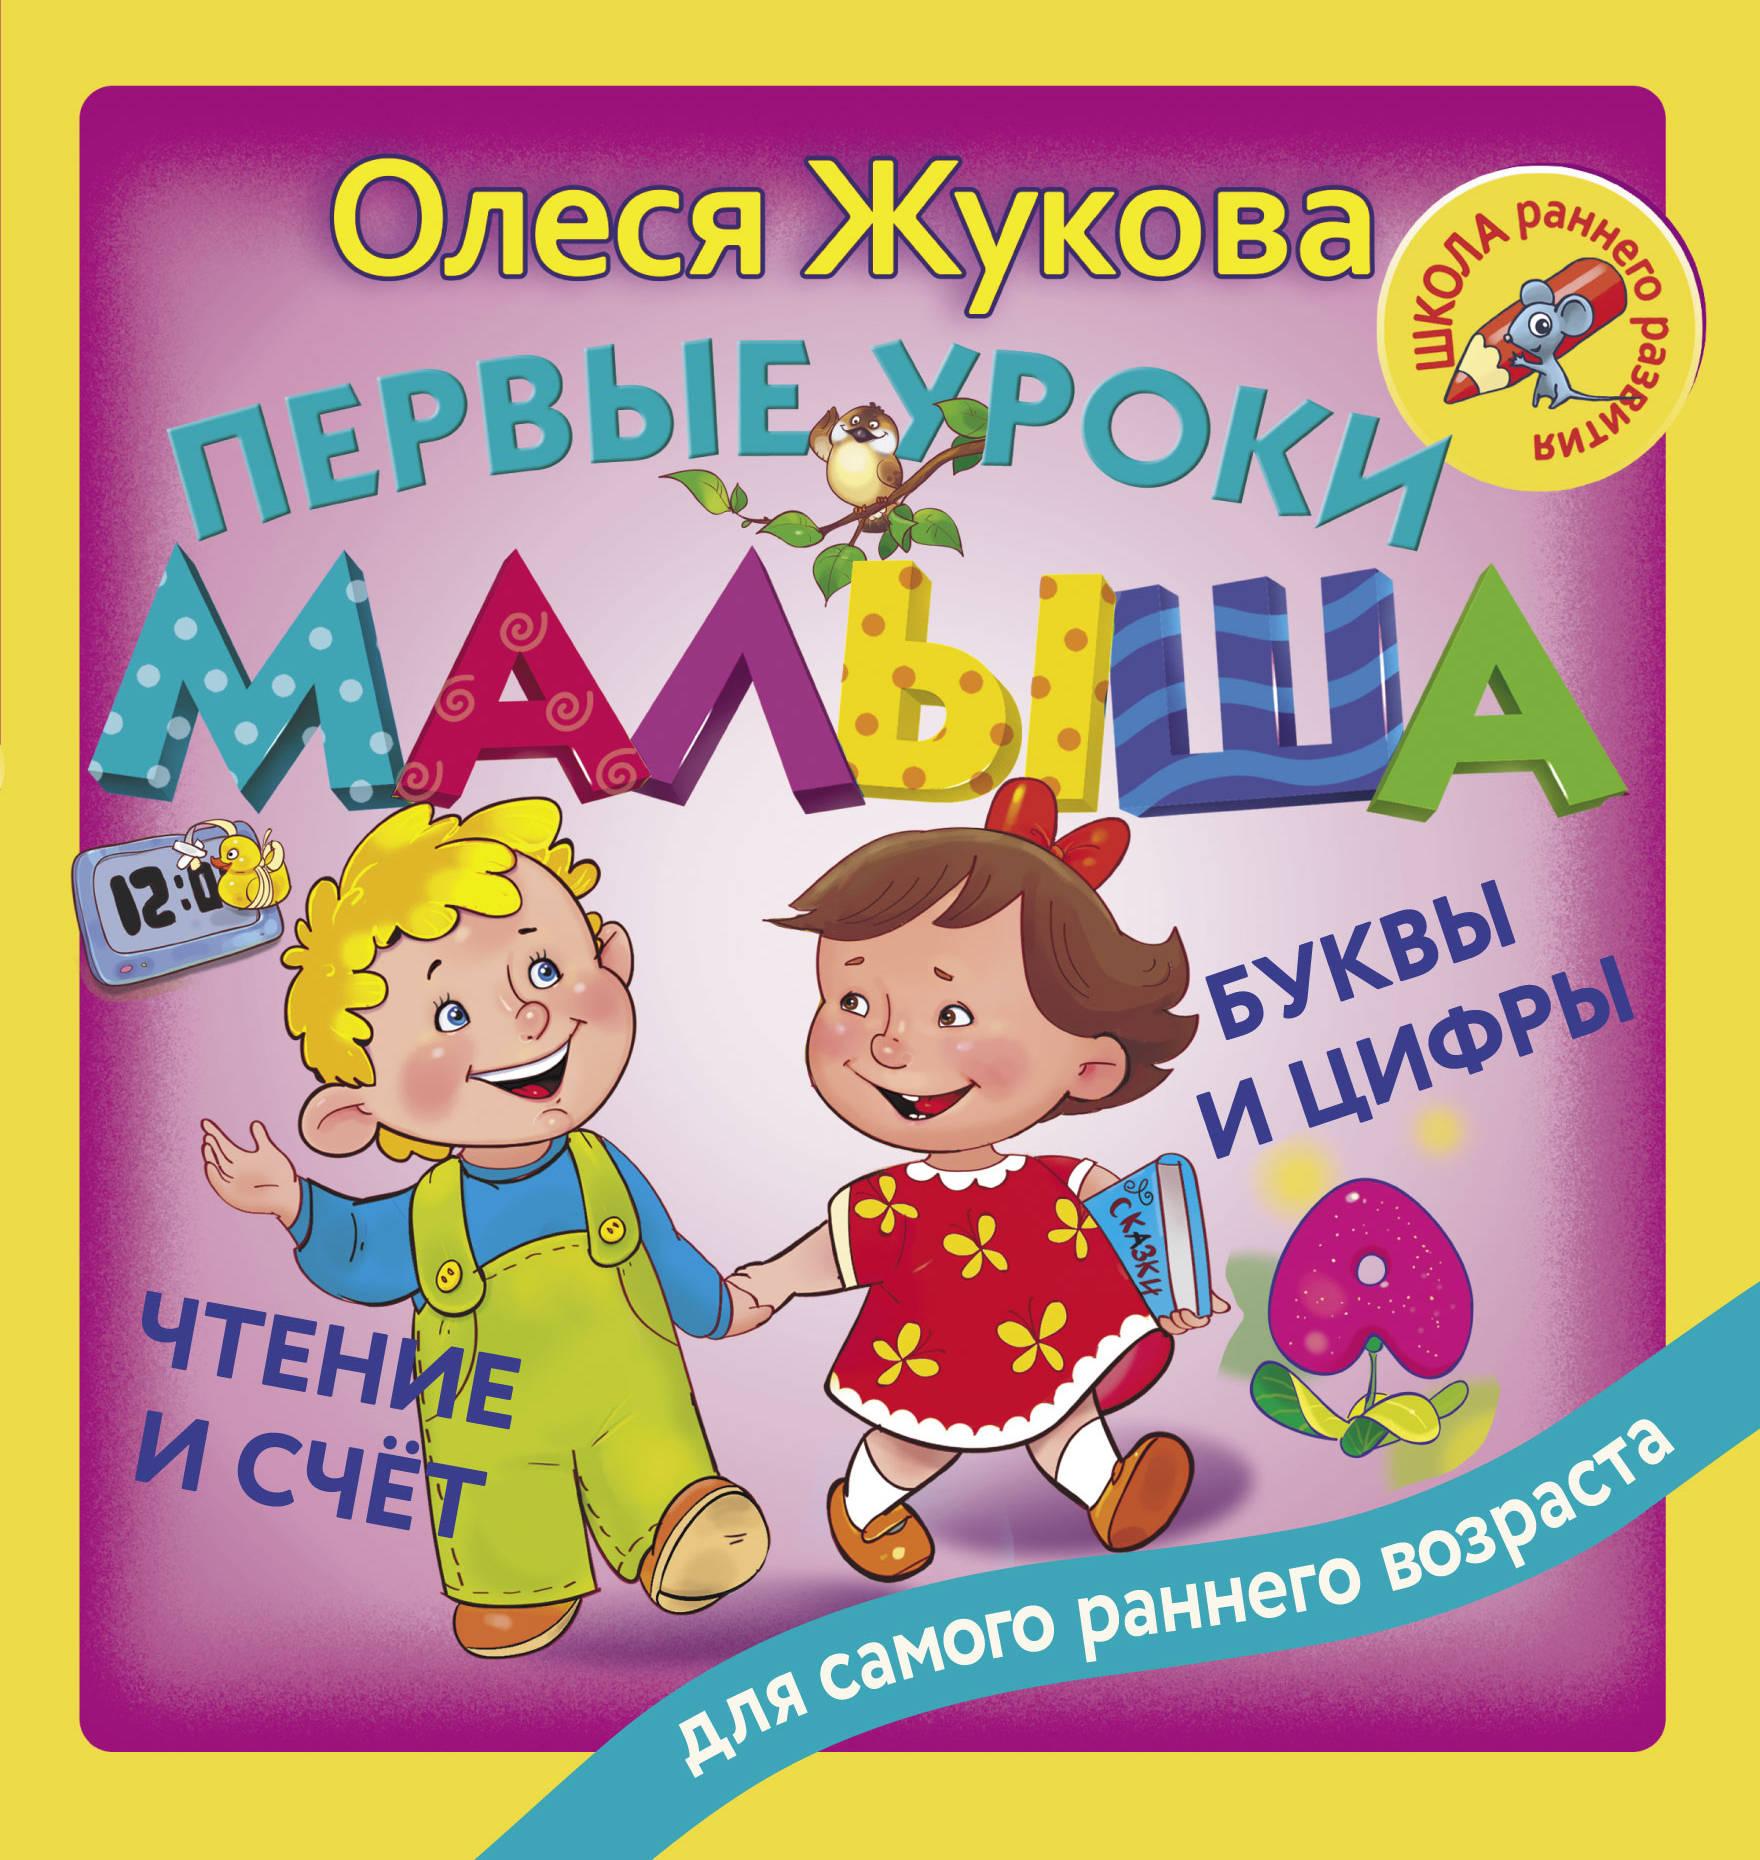 Олеся Жукова Первые уроки малыша: буквы и цифры, чтение и счет цена 2017